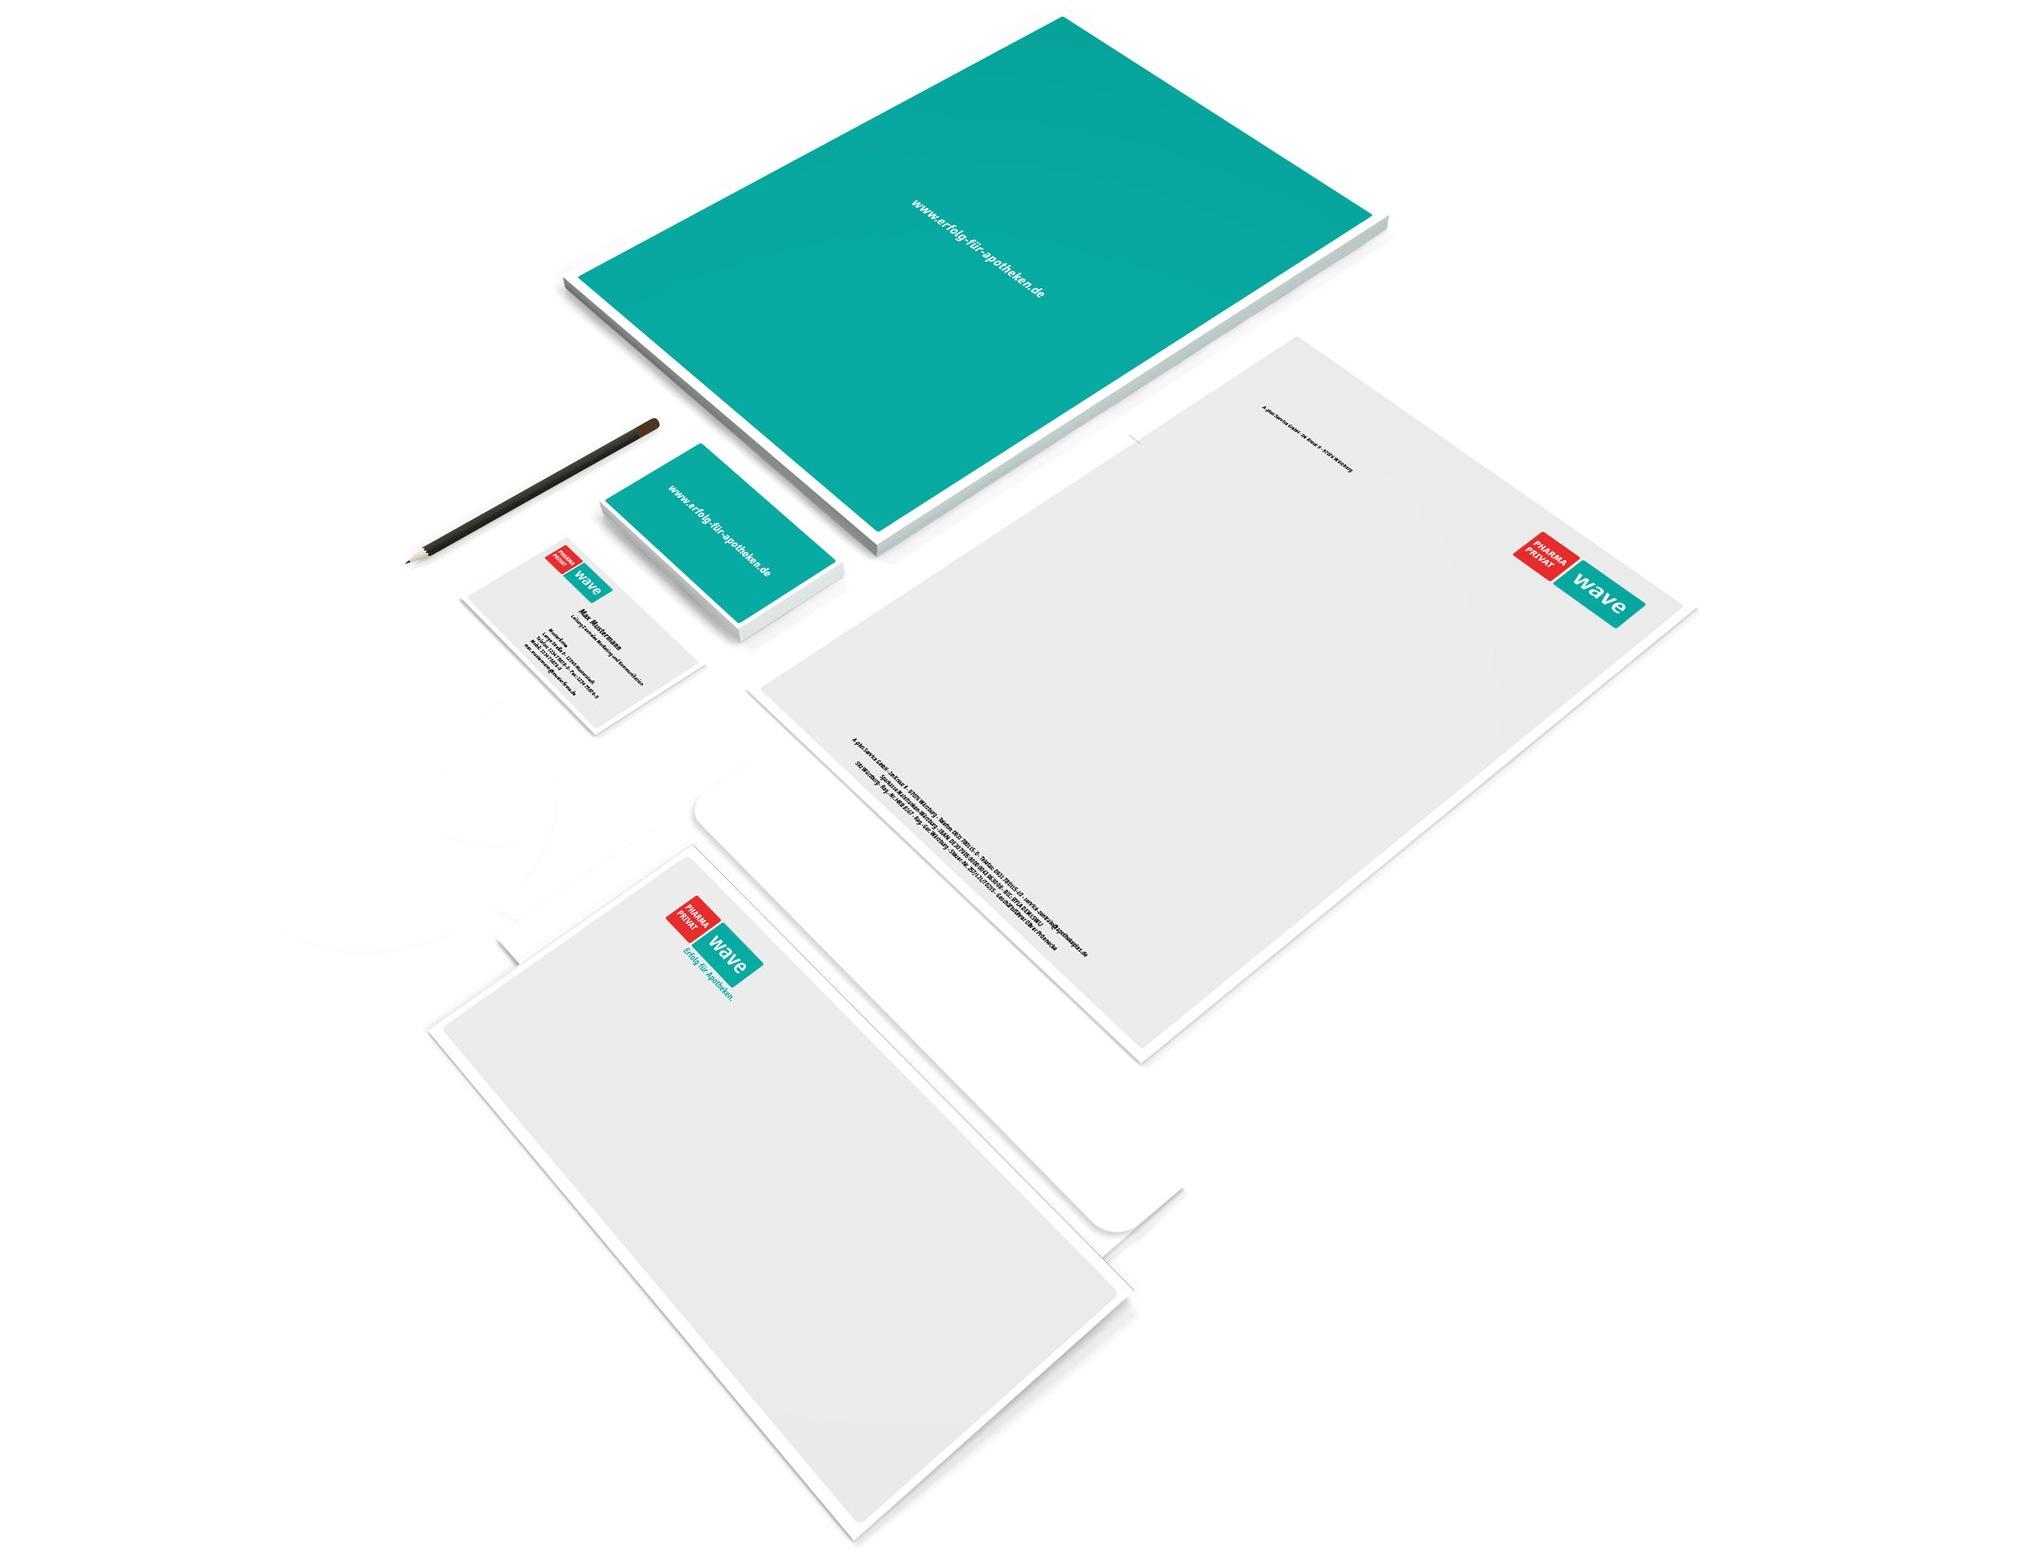 Corporate_Design_01-Kopie.jpg